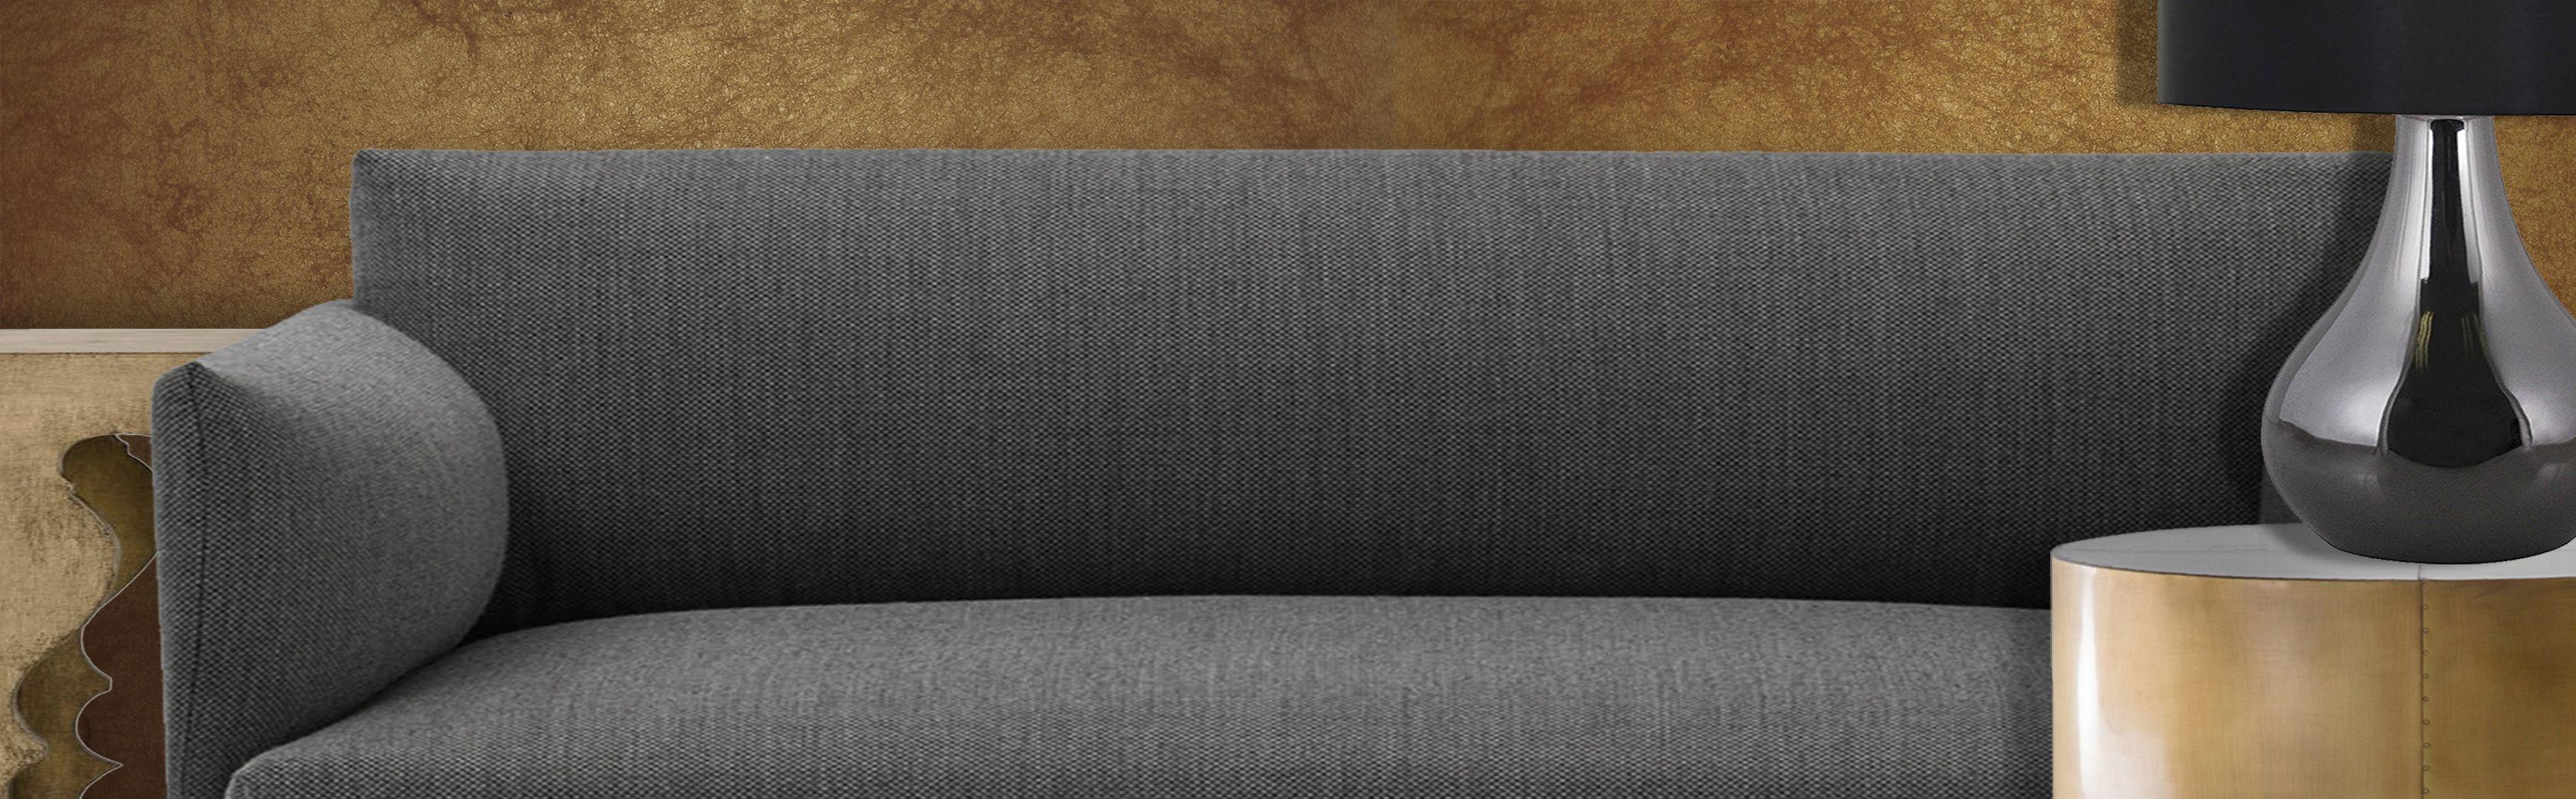 Plain Grey Sofa. No accent.